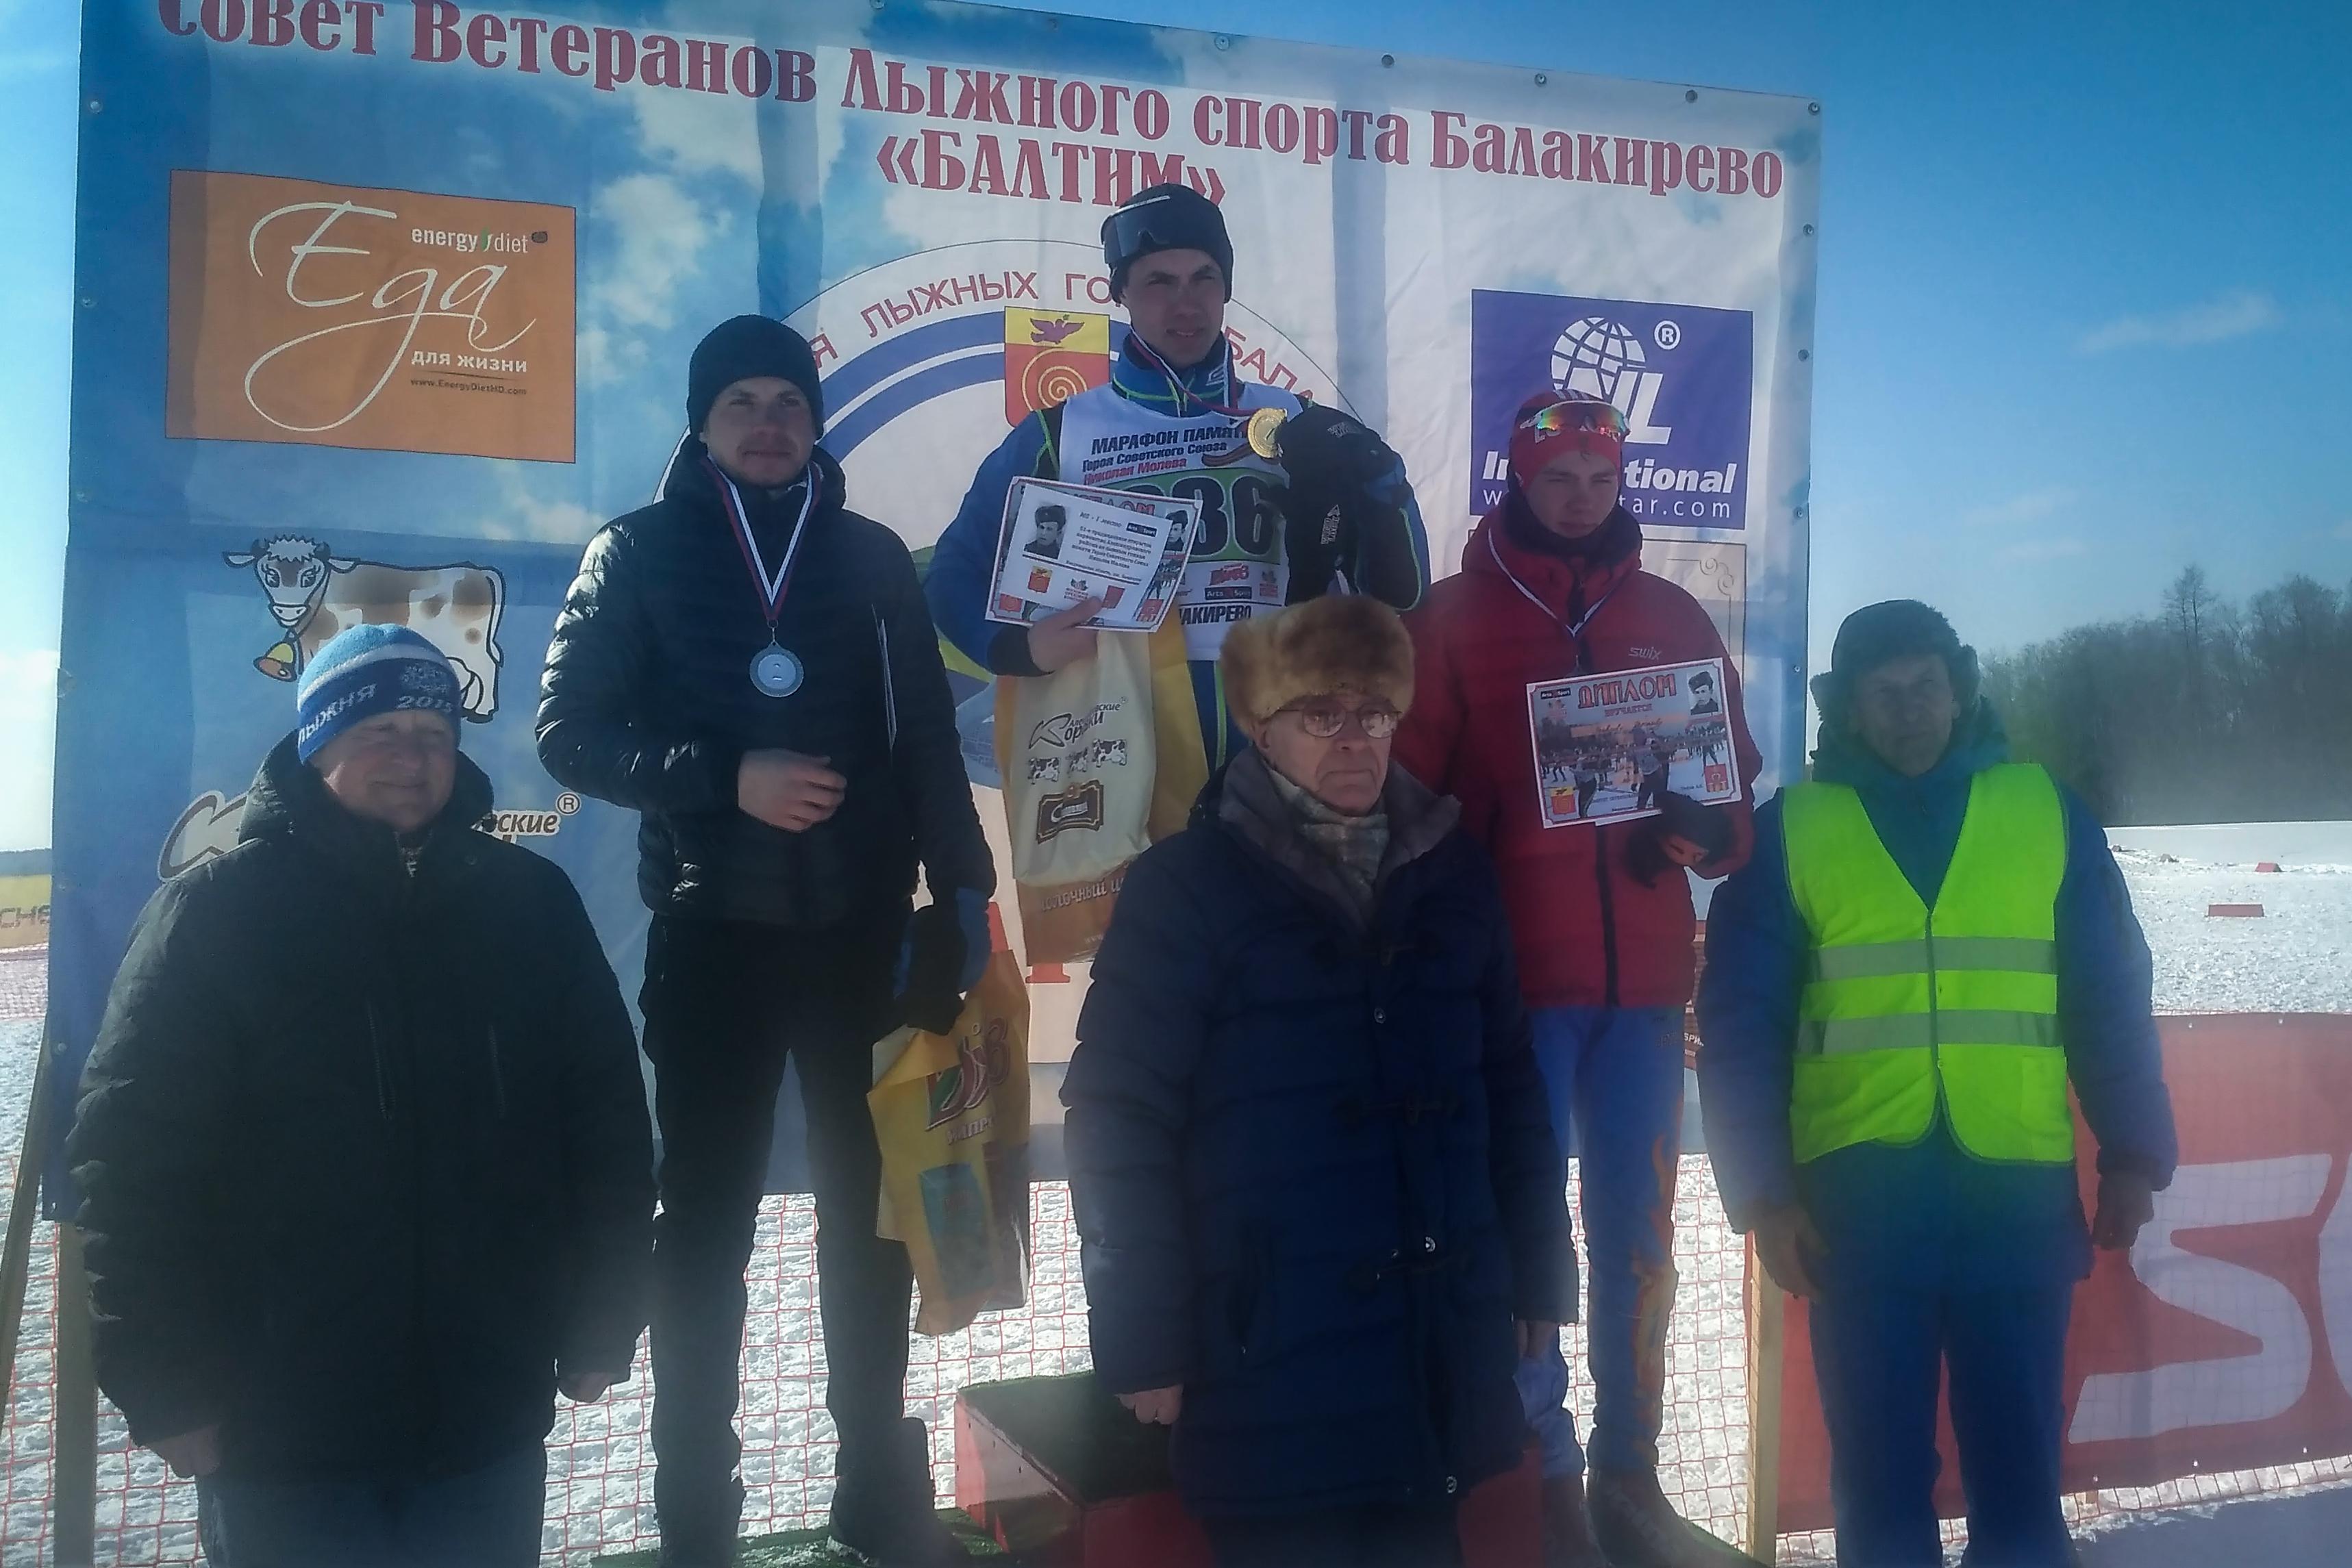 Тренер по беговым лыжам Алексей Мячин на лыжном марафоне памяти Молева в Балакирево, 17 марта 2018